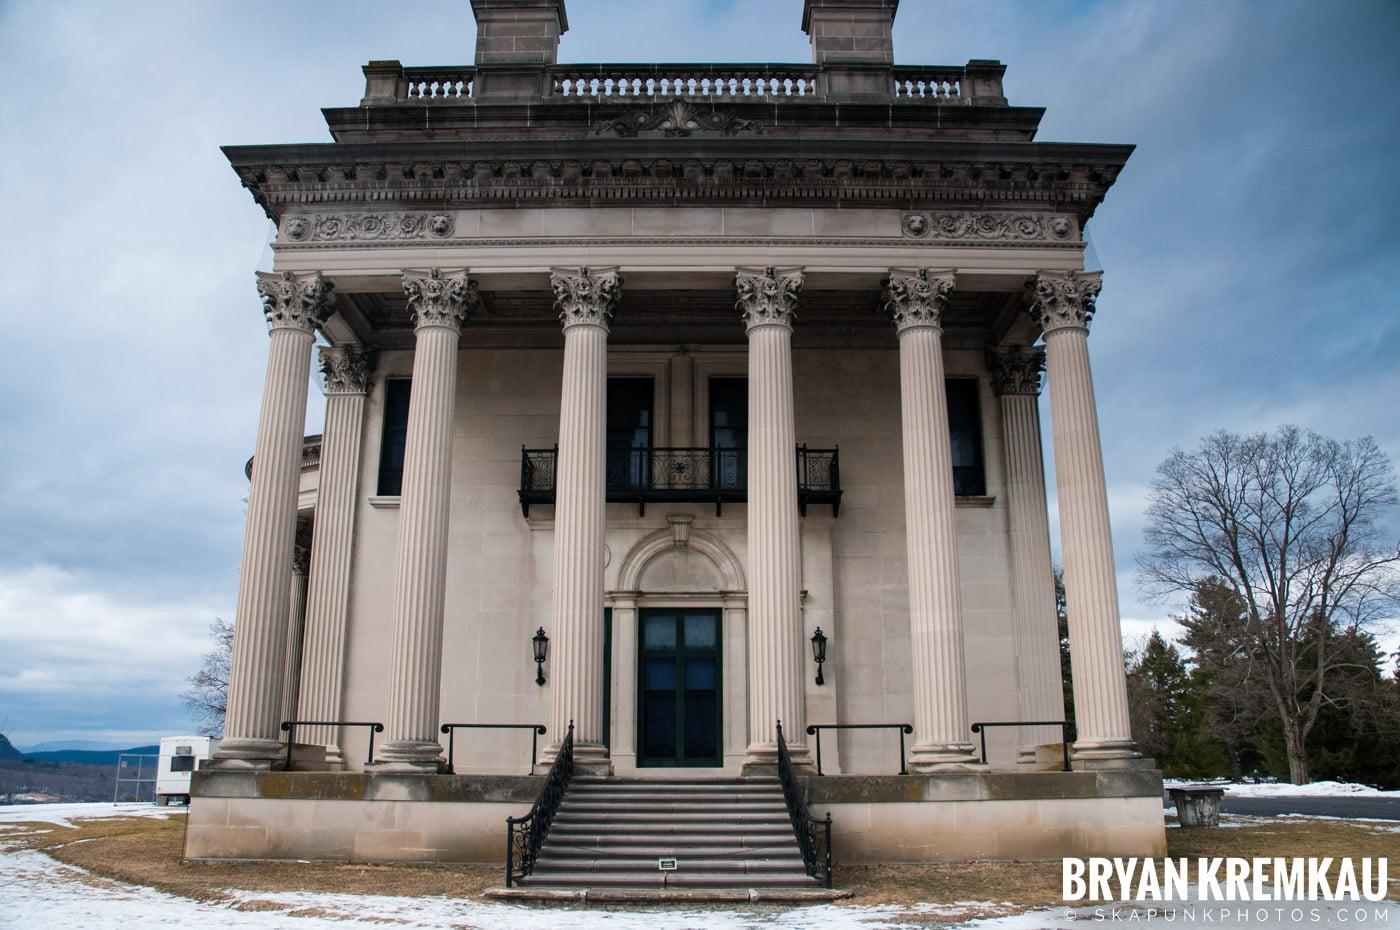 Valentine's Day Trip @ Rhinebeck, FDR's Home, Vanderbilt, Wilderstein Historic Site, NY - 2.14.10 (29)